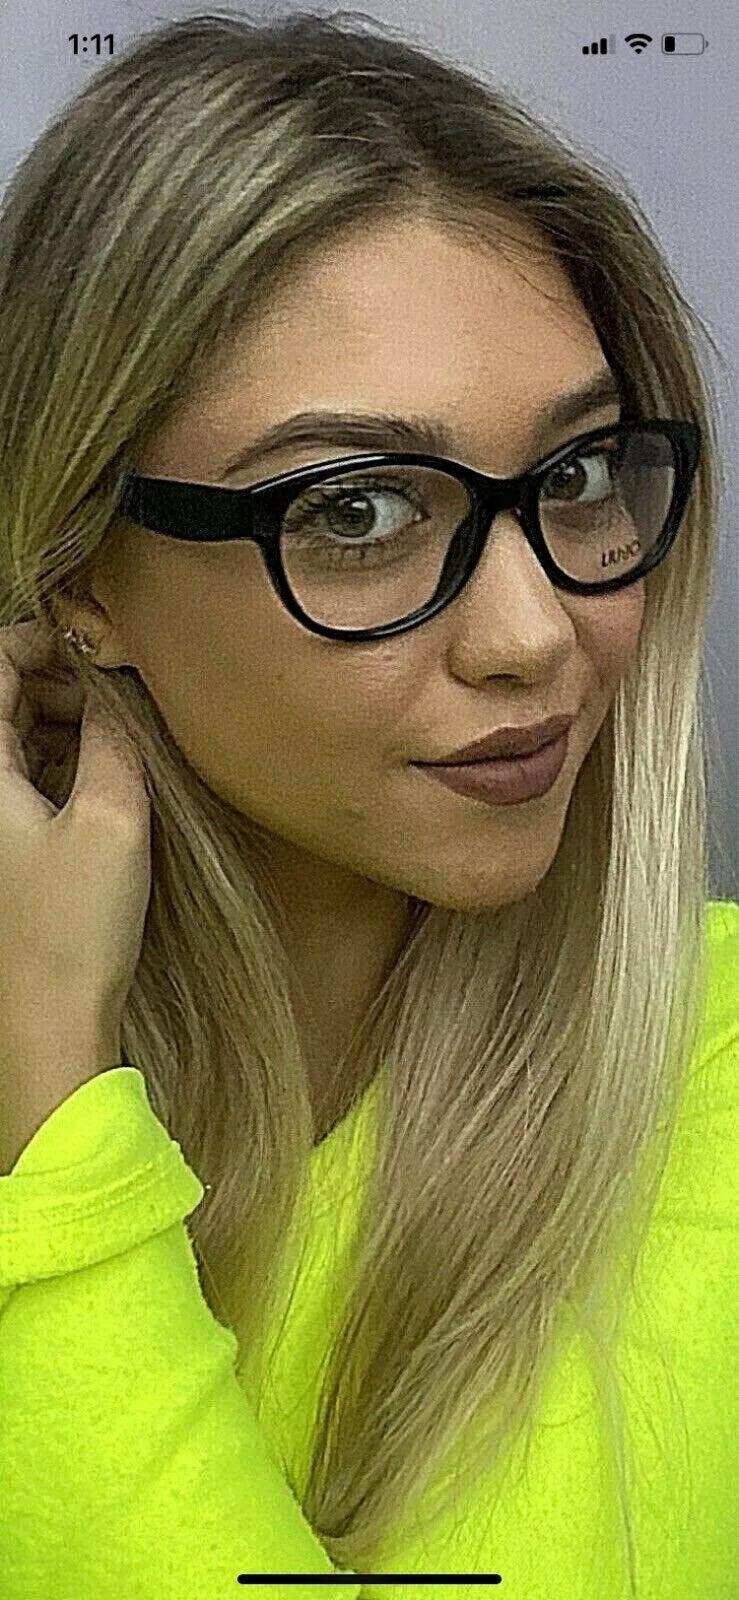 New LIU JO Women's Eyeglasses